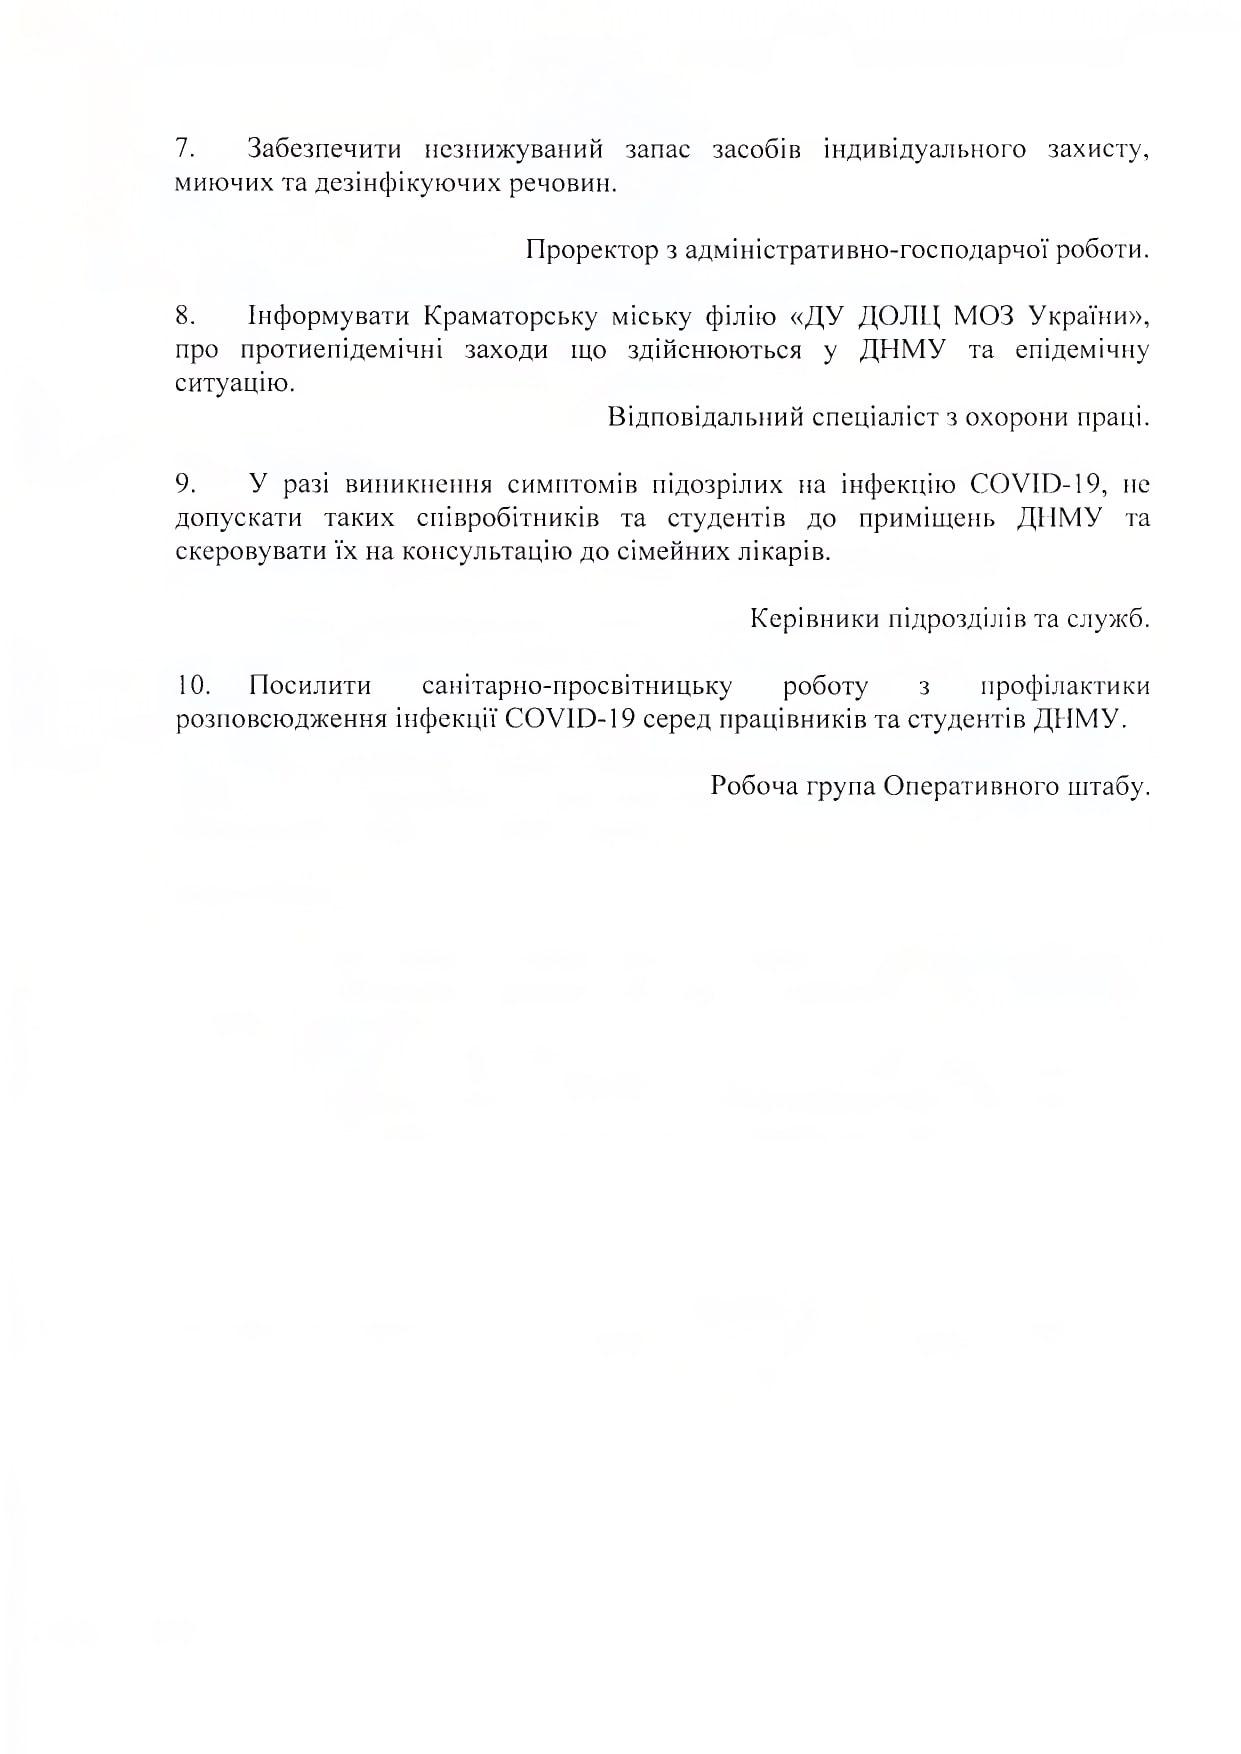 Наказ №544 від 24.09.2020 Про введення карантину, через випадок інфекції COVID19 у студентки ДНМУ